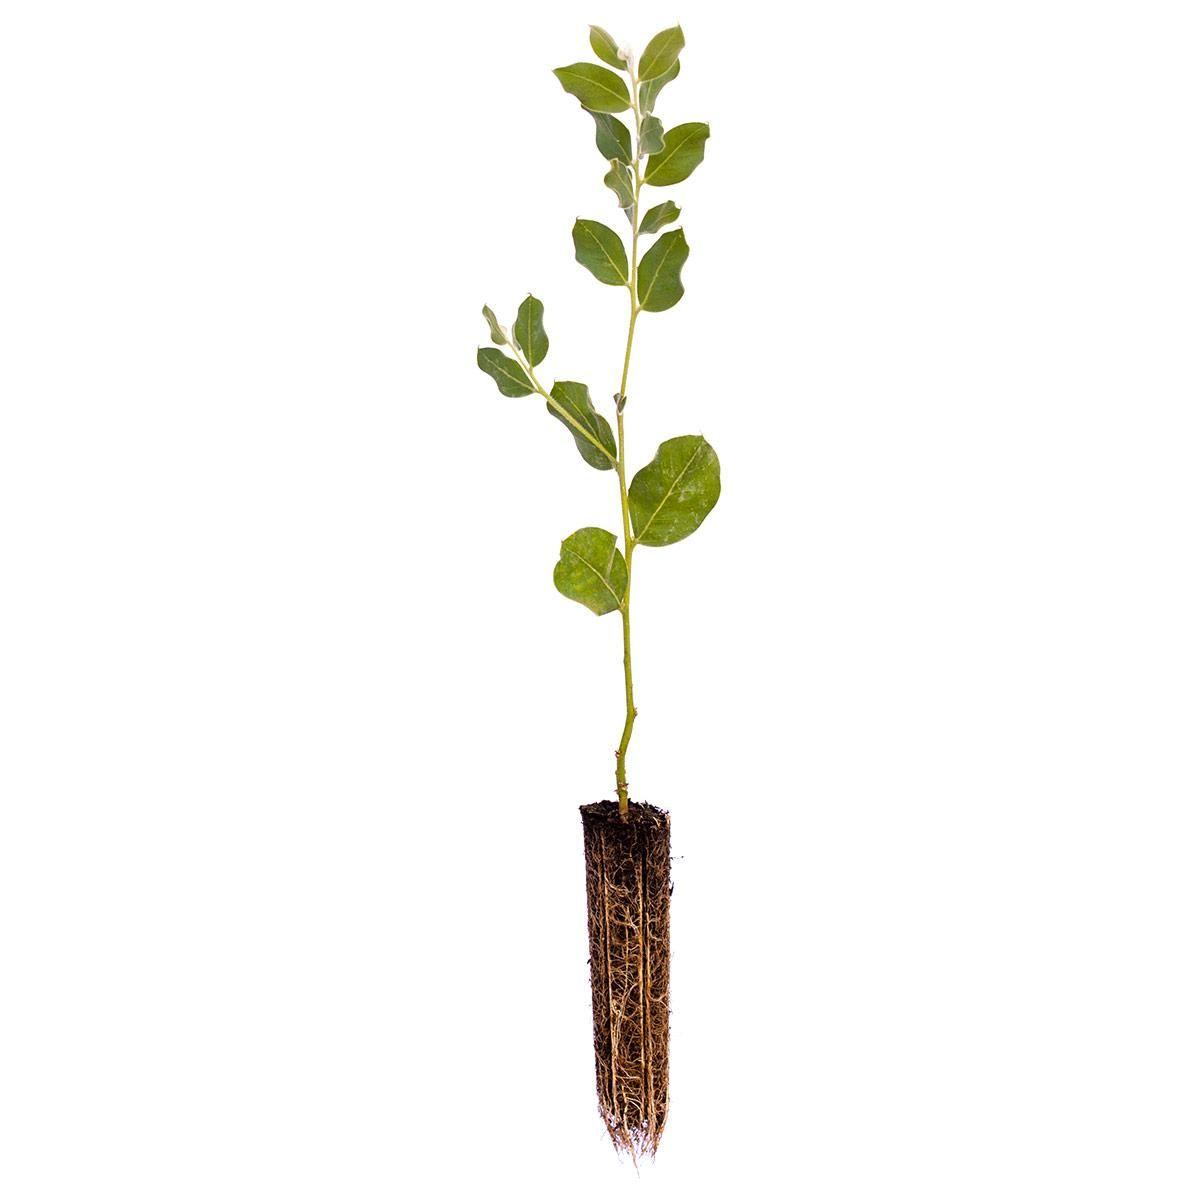 Muda de Acacia Mimosa - Acacia podalyriifolia A. Cunn. ex G. Don Acacia-mimosa